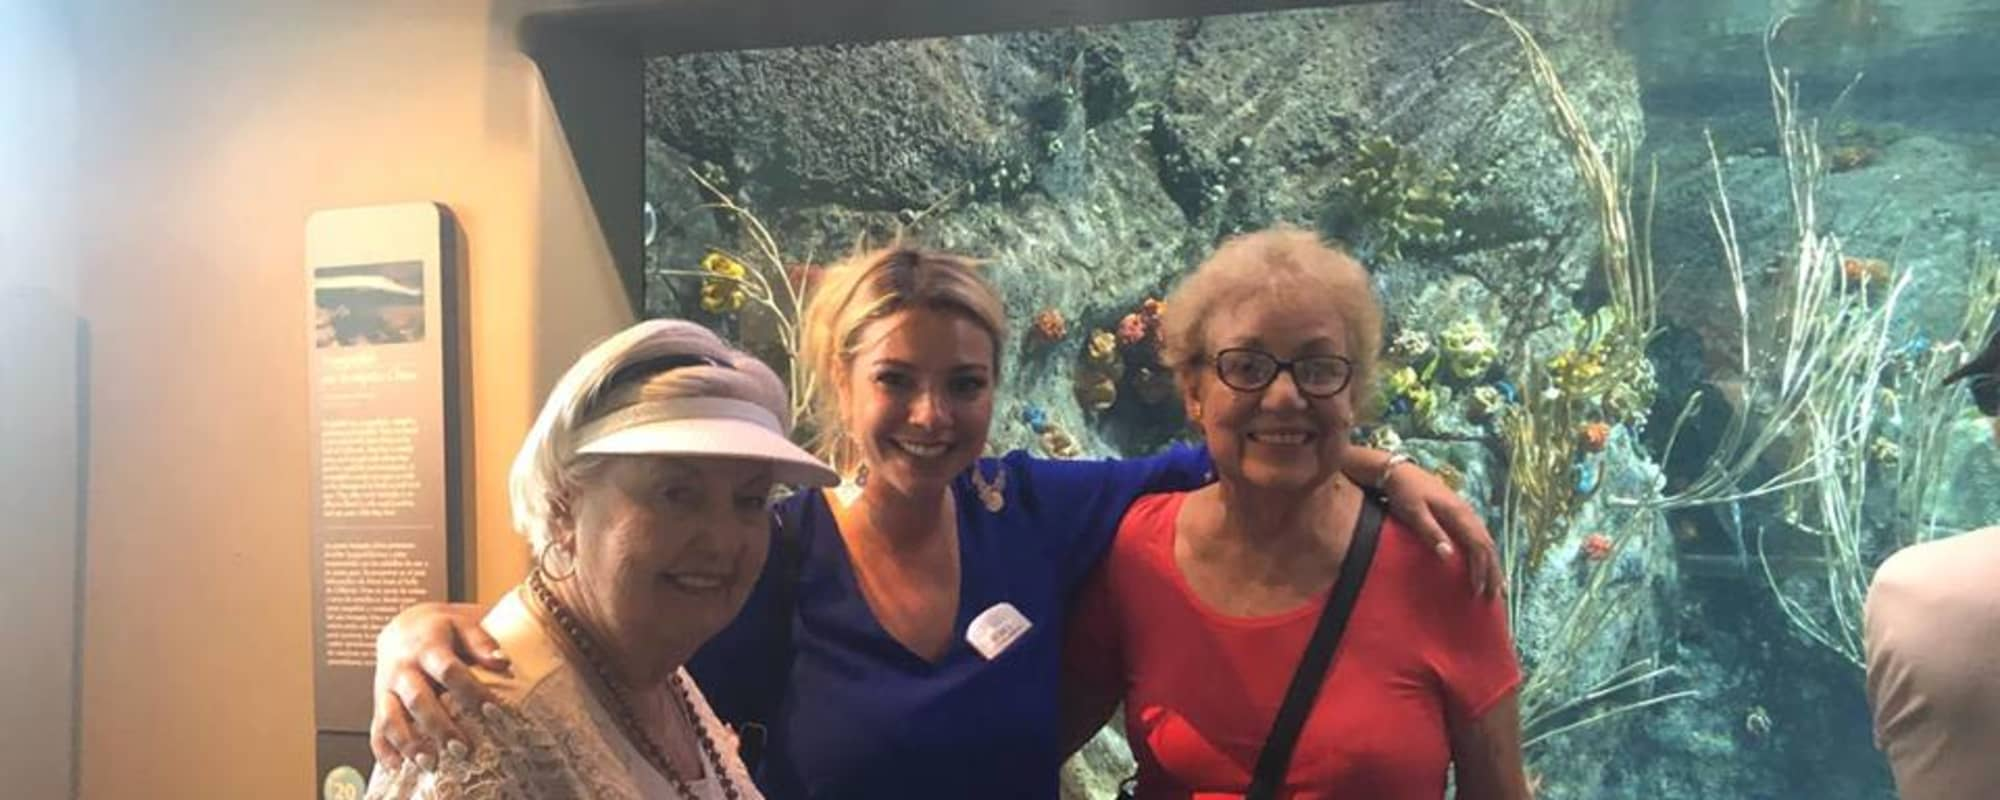 Aquarium at Huntington Terrace in Huntington Beach, California